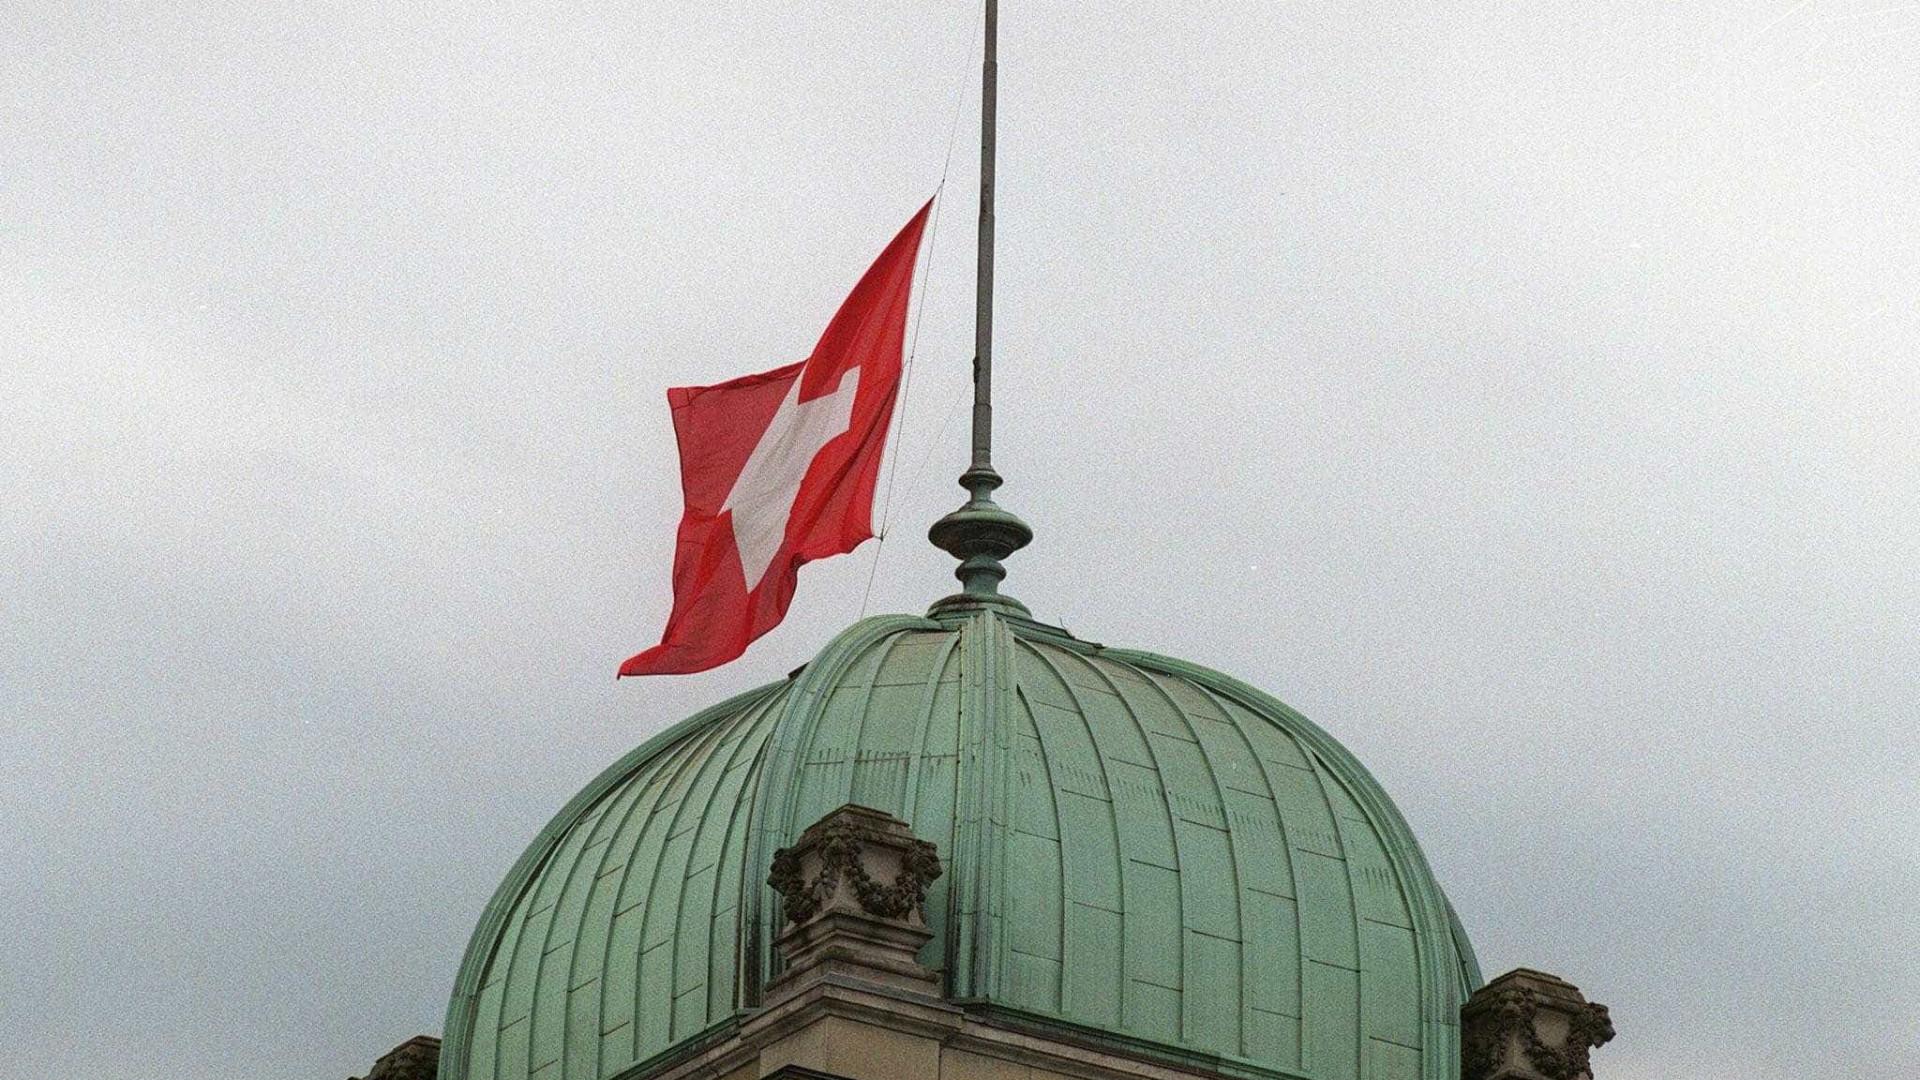 Na Suíça, parlamentar não tem benefício: 'Não há deputado profissional'